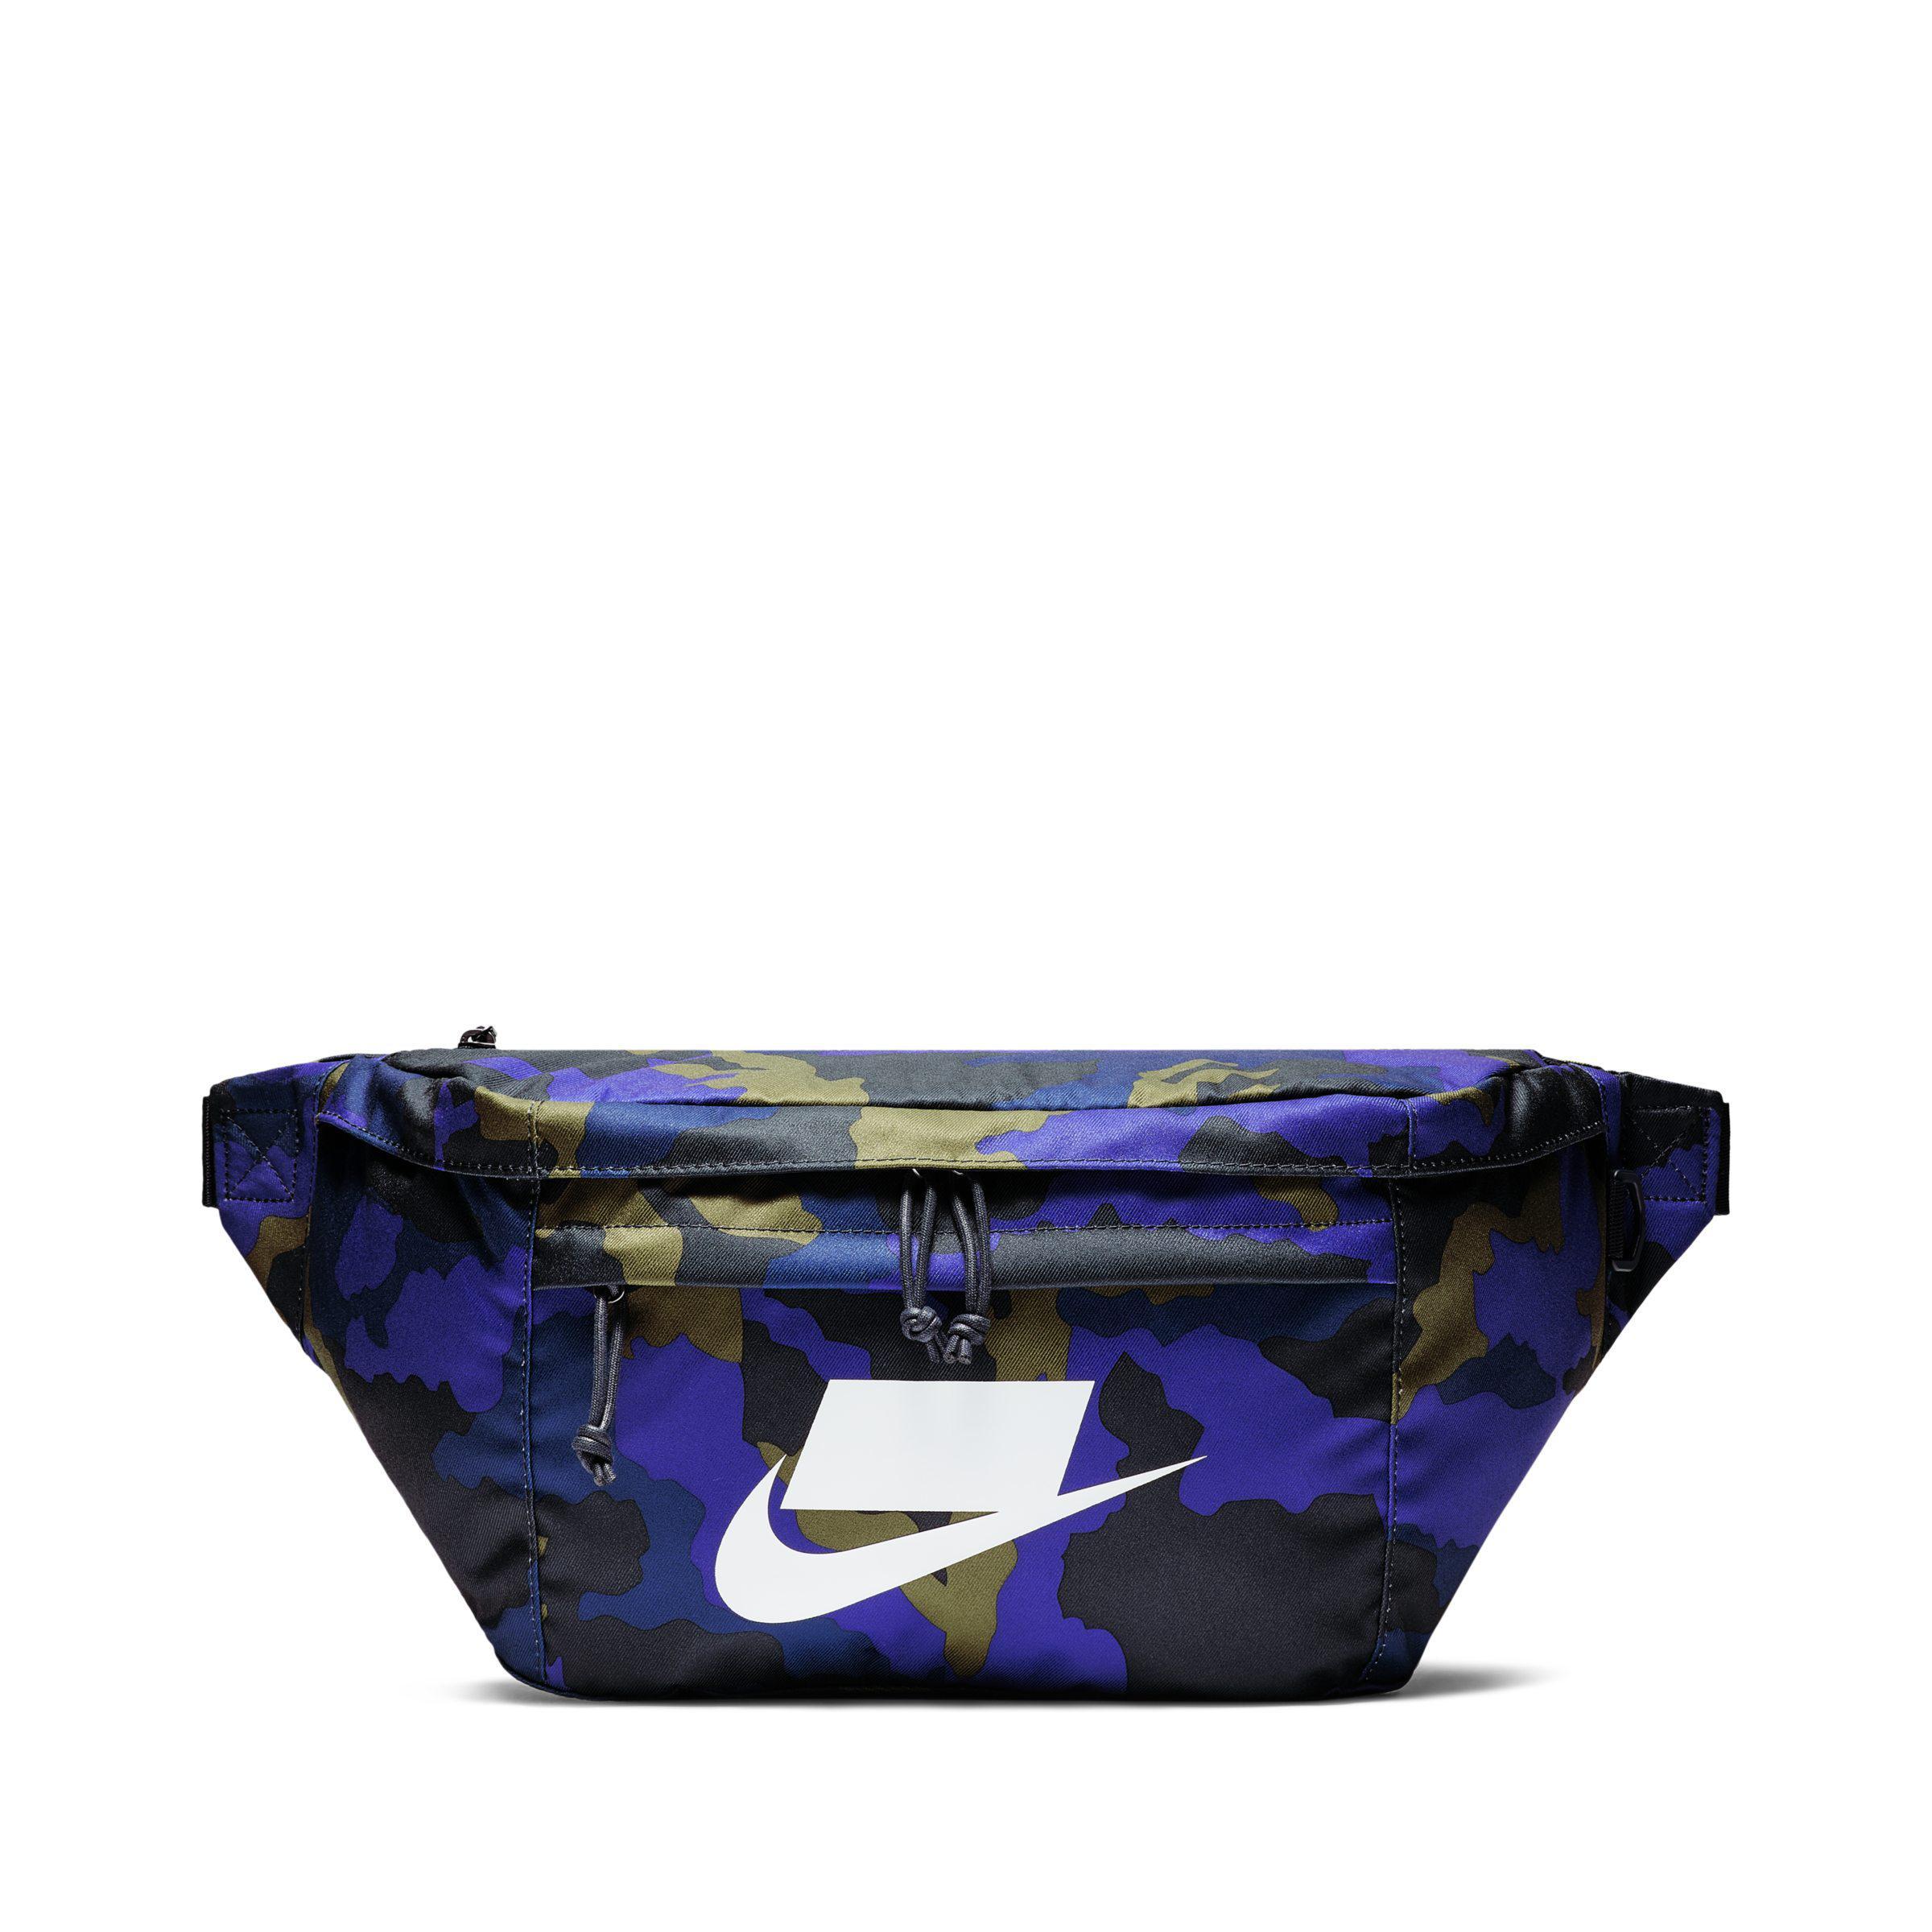 8c2af88bb4 Bleu Sportswear Coloris Lyst En Tech Banane Nike Sac Imprimé WBxnnwH4Uq